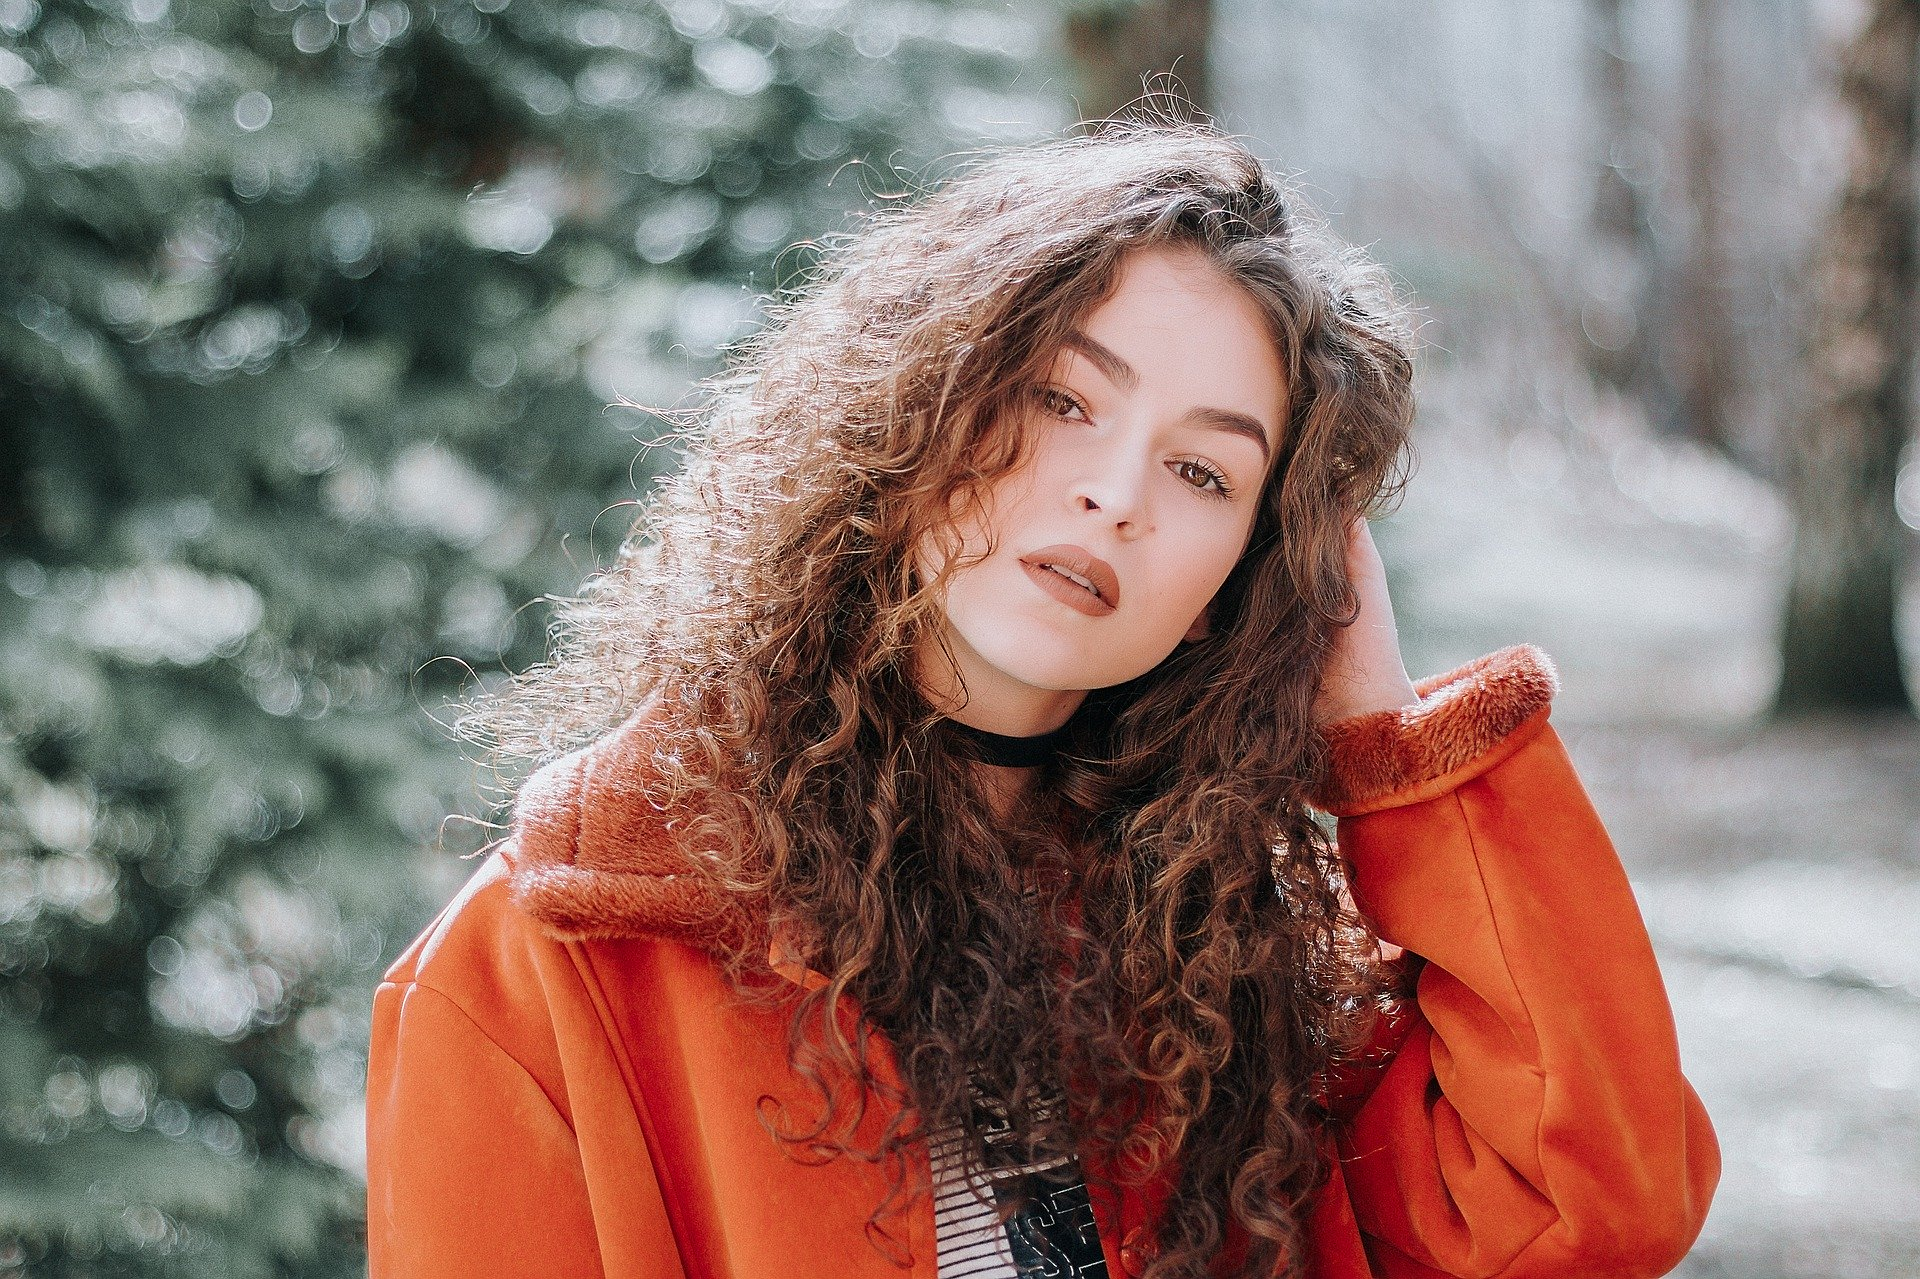 Wintermodetrends 2019 für kurvige Frauen / Plus-Size Mode: diese Trends stehen kurvigen Frauen